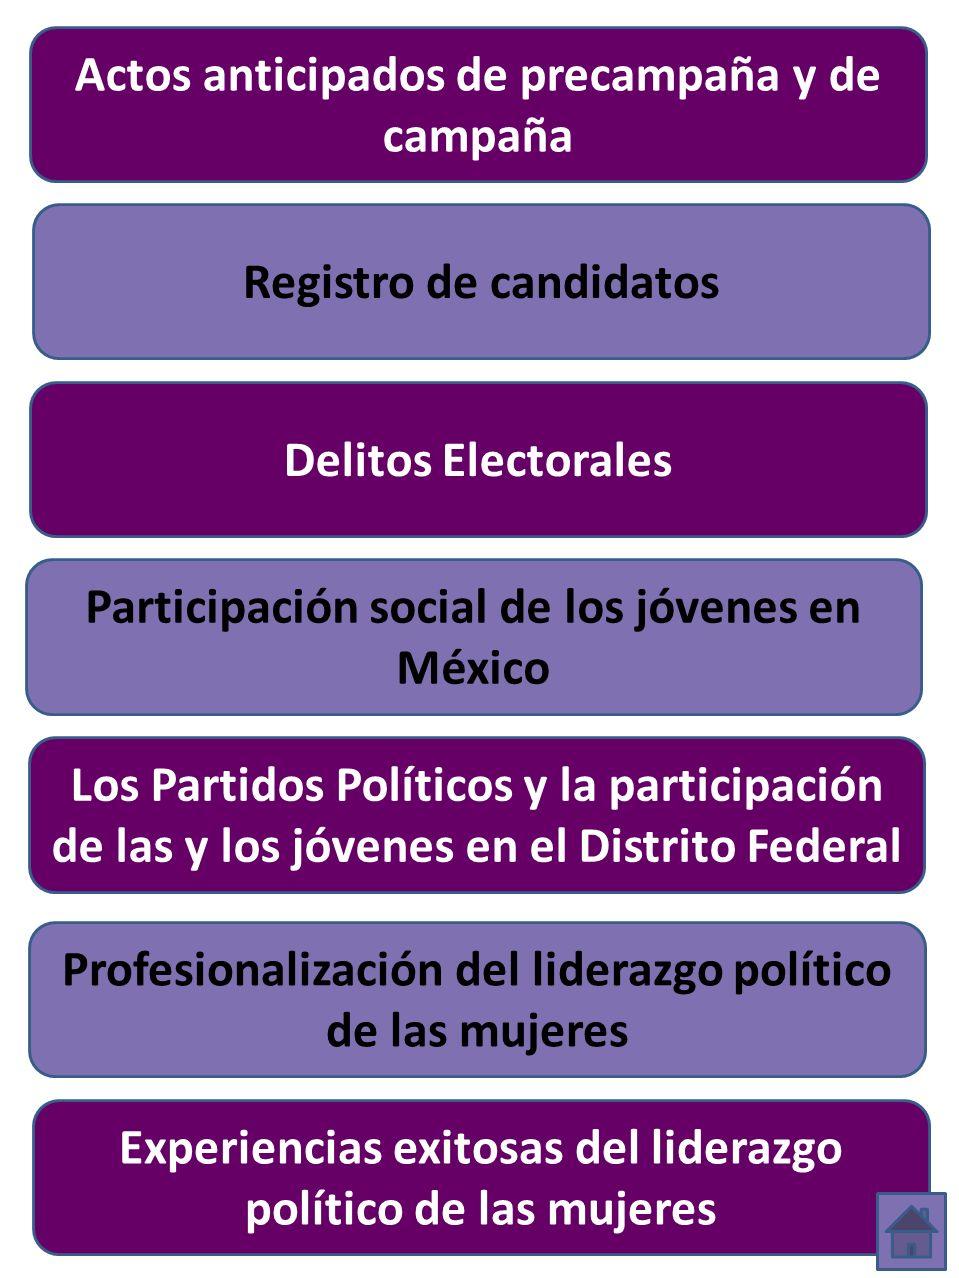 Actos anticipados de precampaña y de campaña Registro de candidatos Participación social de los jóvenes en México Los Partidos Políticos y la particip